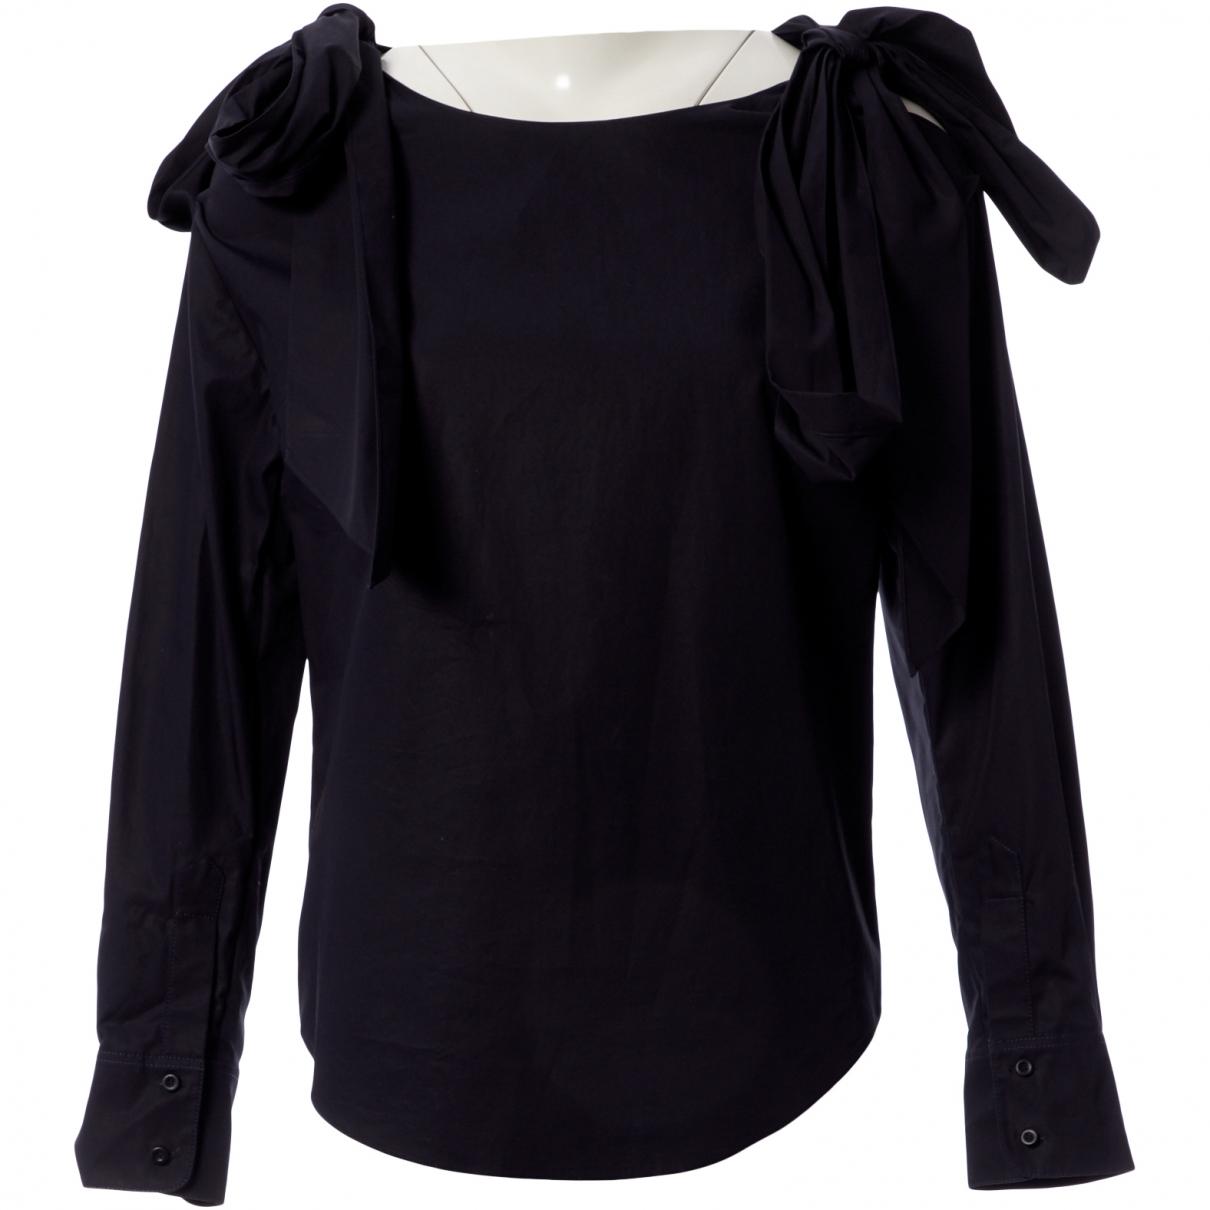 Chloé \N Navy Cotton  top for Women 34 FR